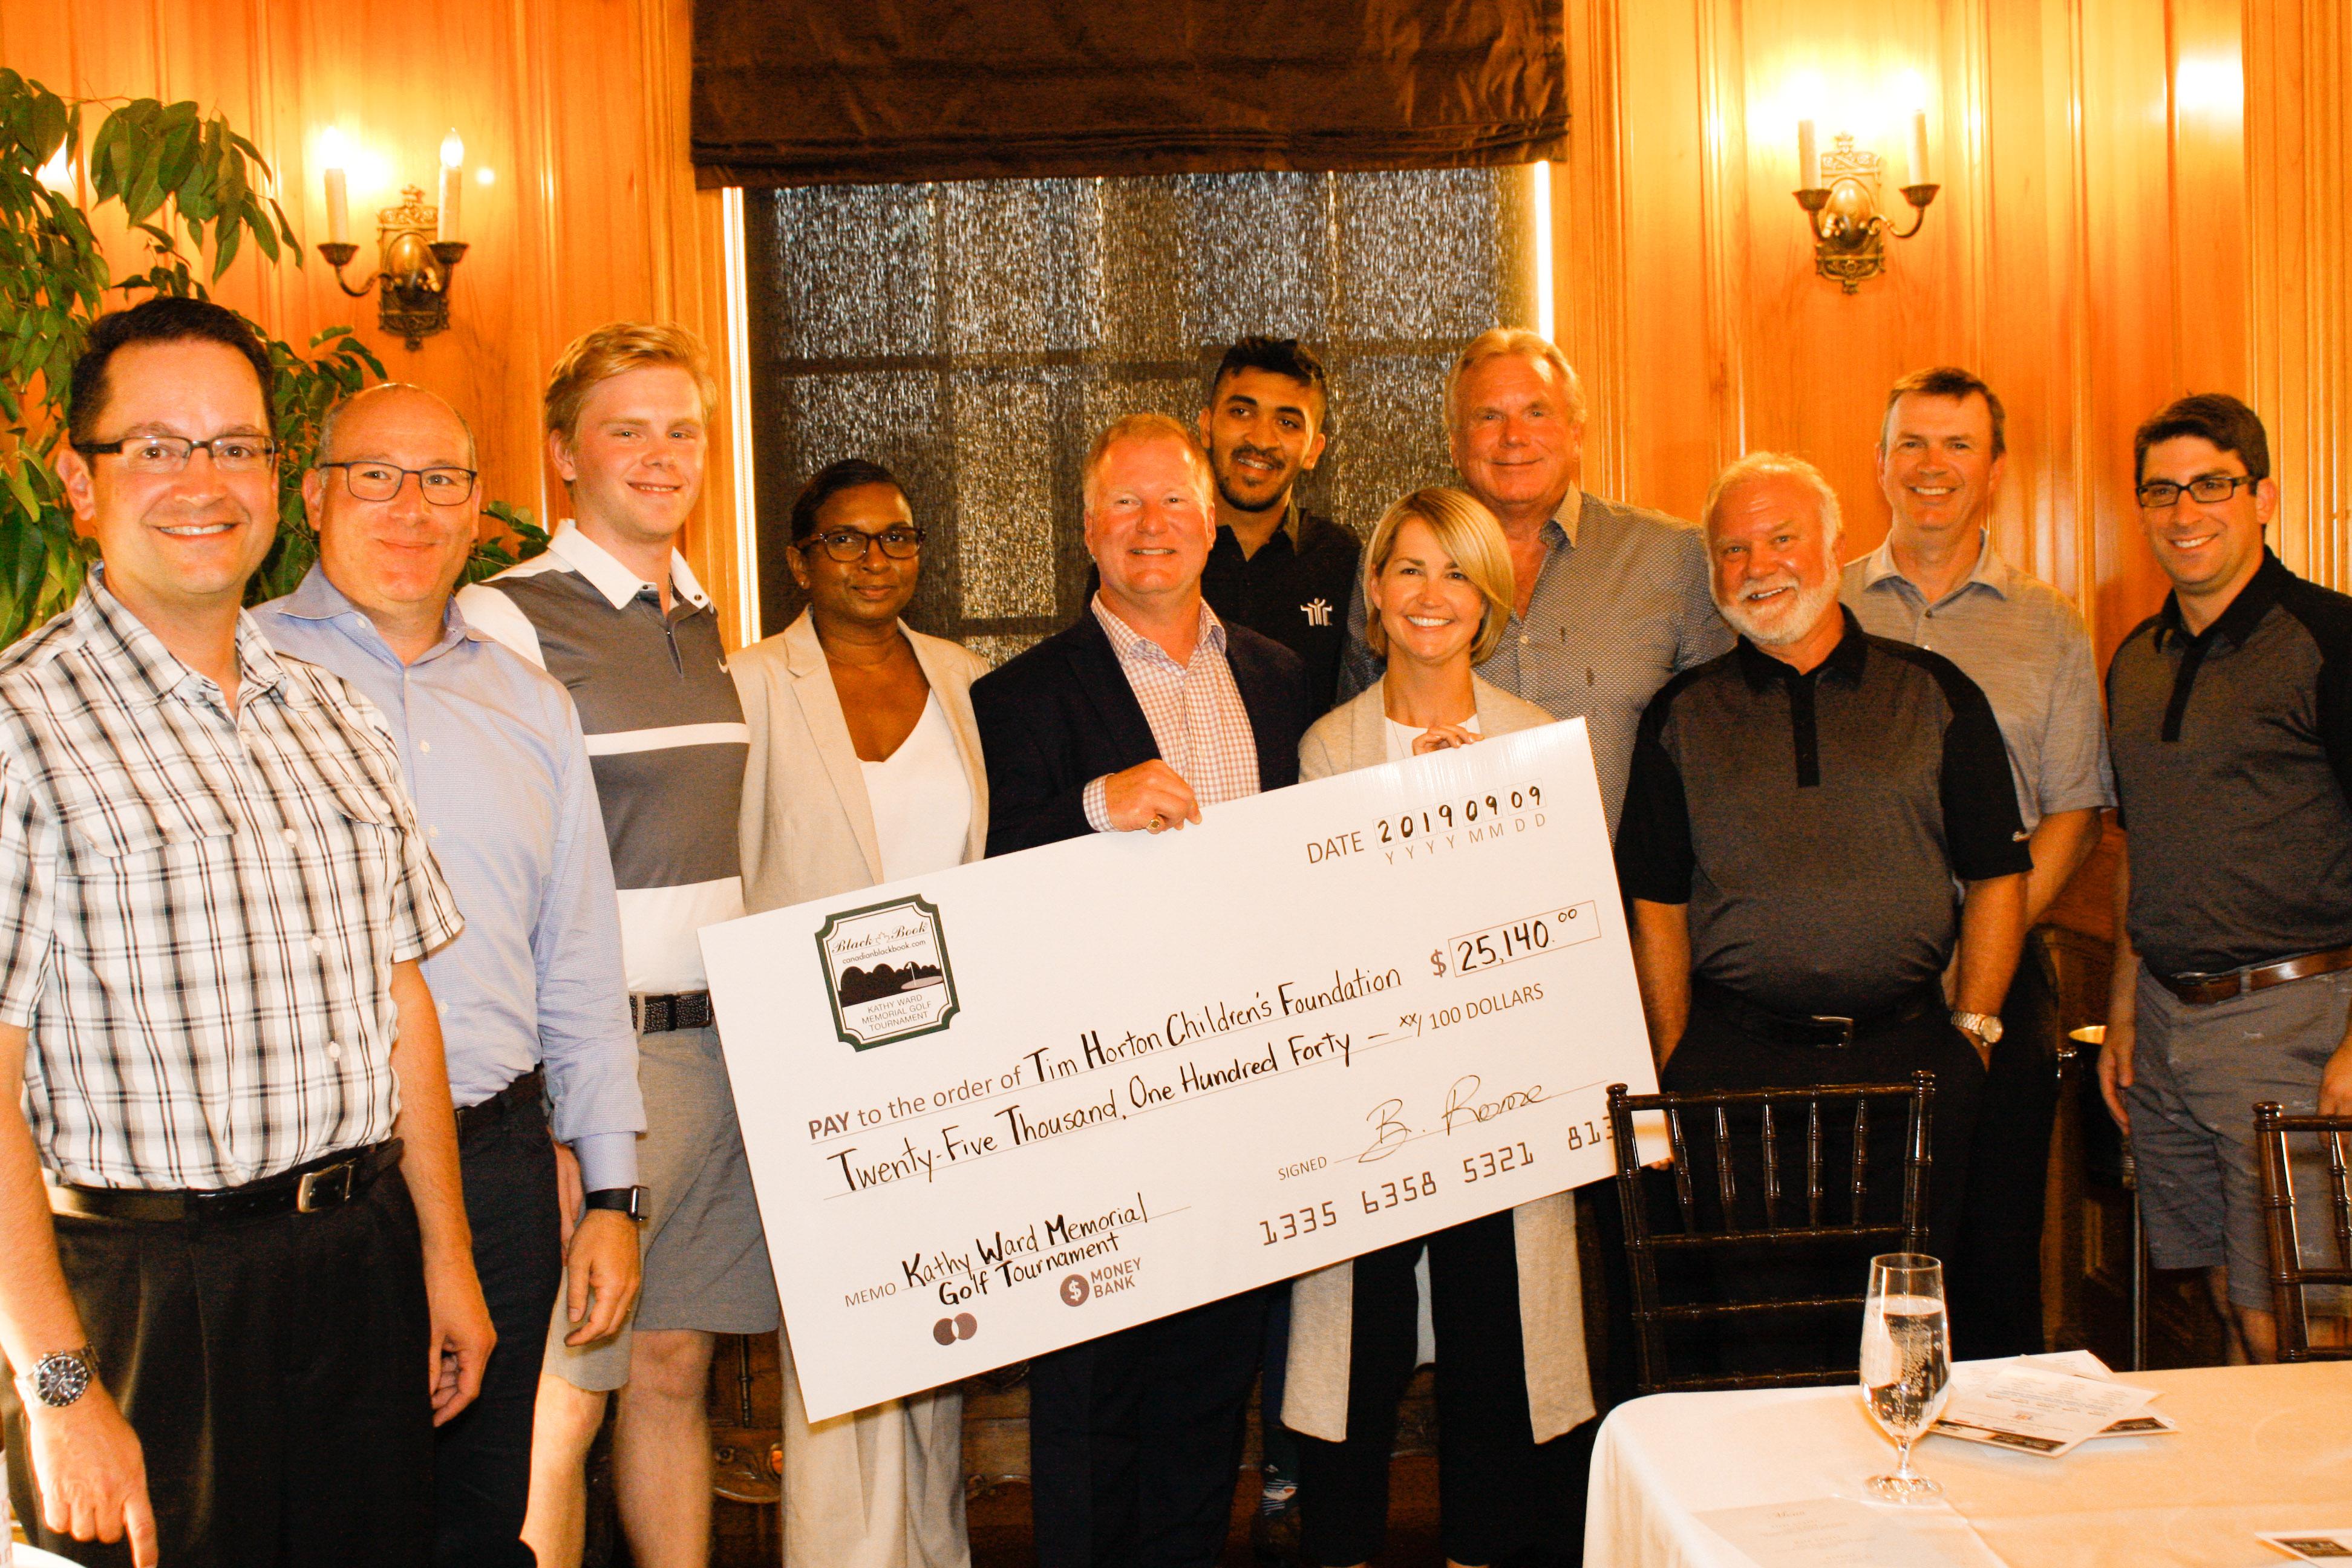 Le Tournoi de golf Kathy Ward de Canadian Black Book recueille plus de 25 000 $ pour la Fondation Tim Hortons